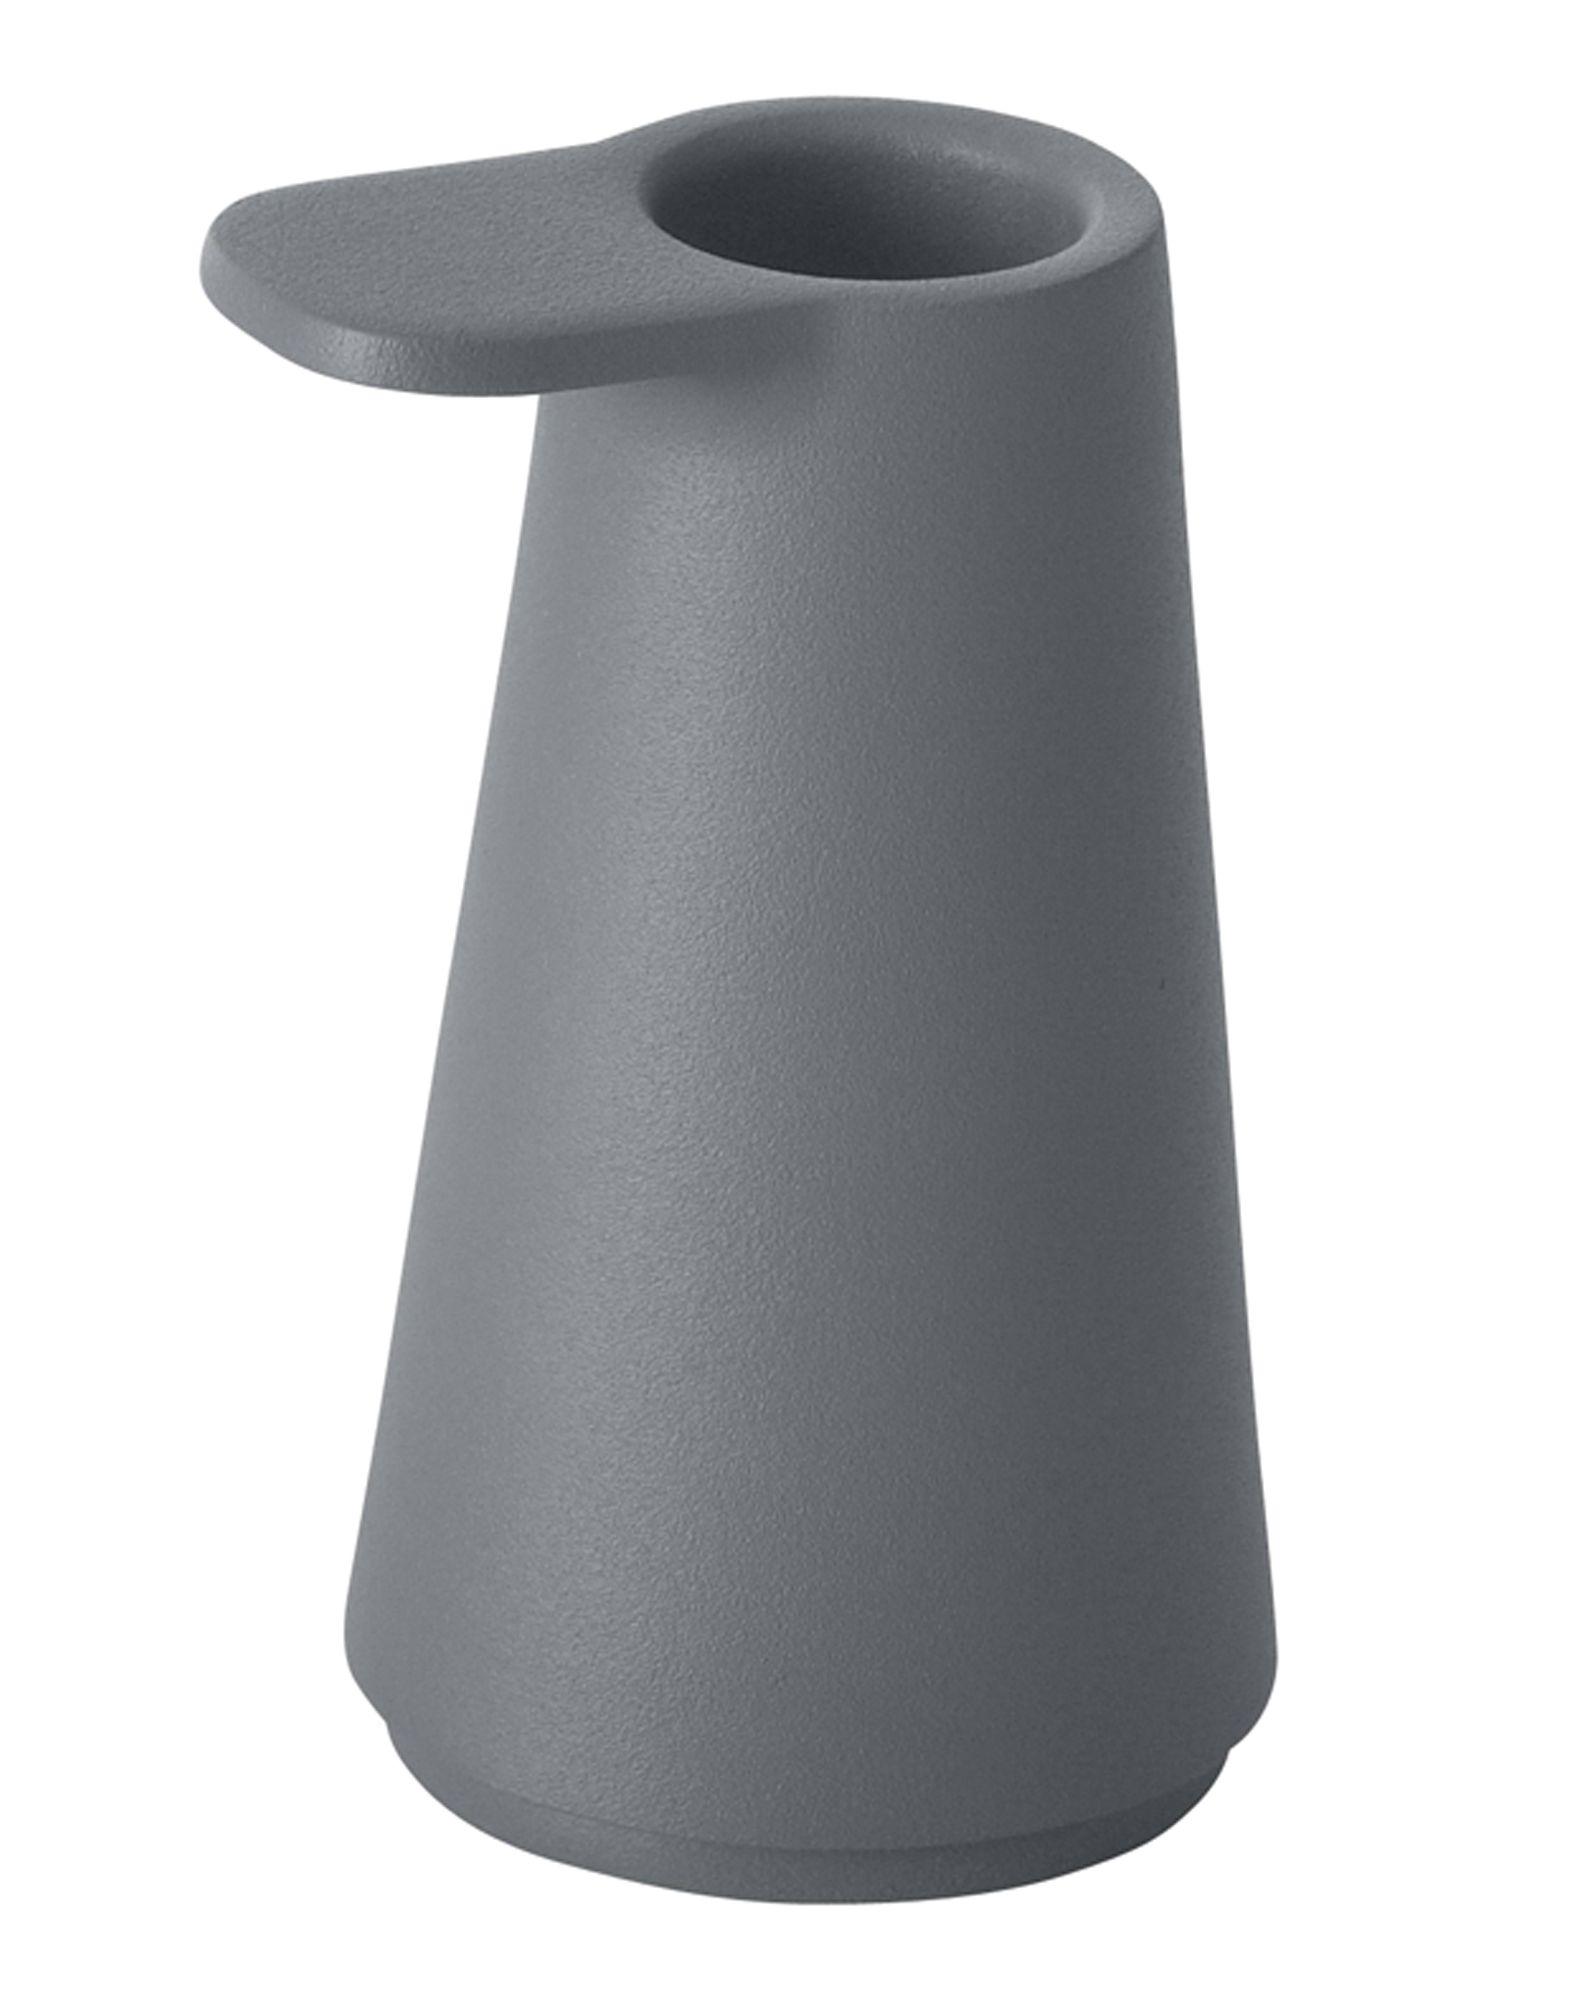 《送料無料》MUUTO Unisex キャンドルスタンド スチールグレー スチール Grip